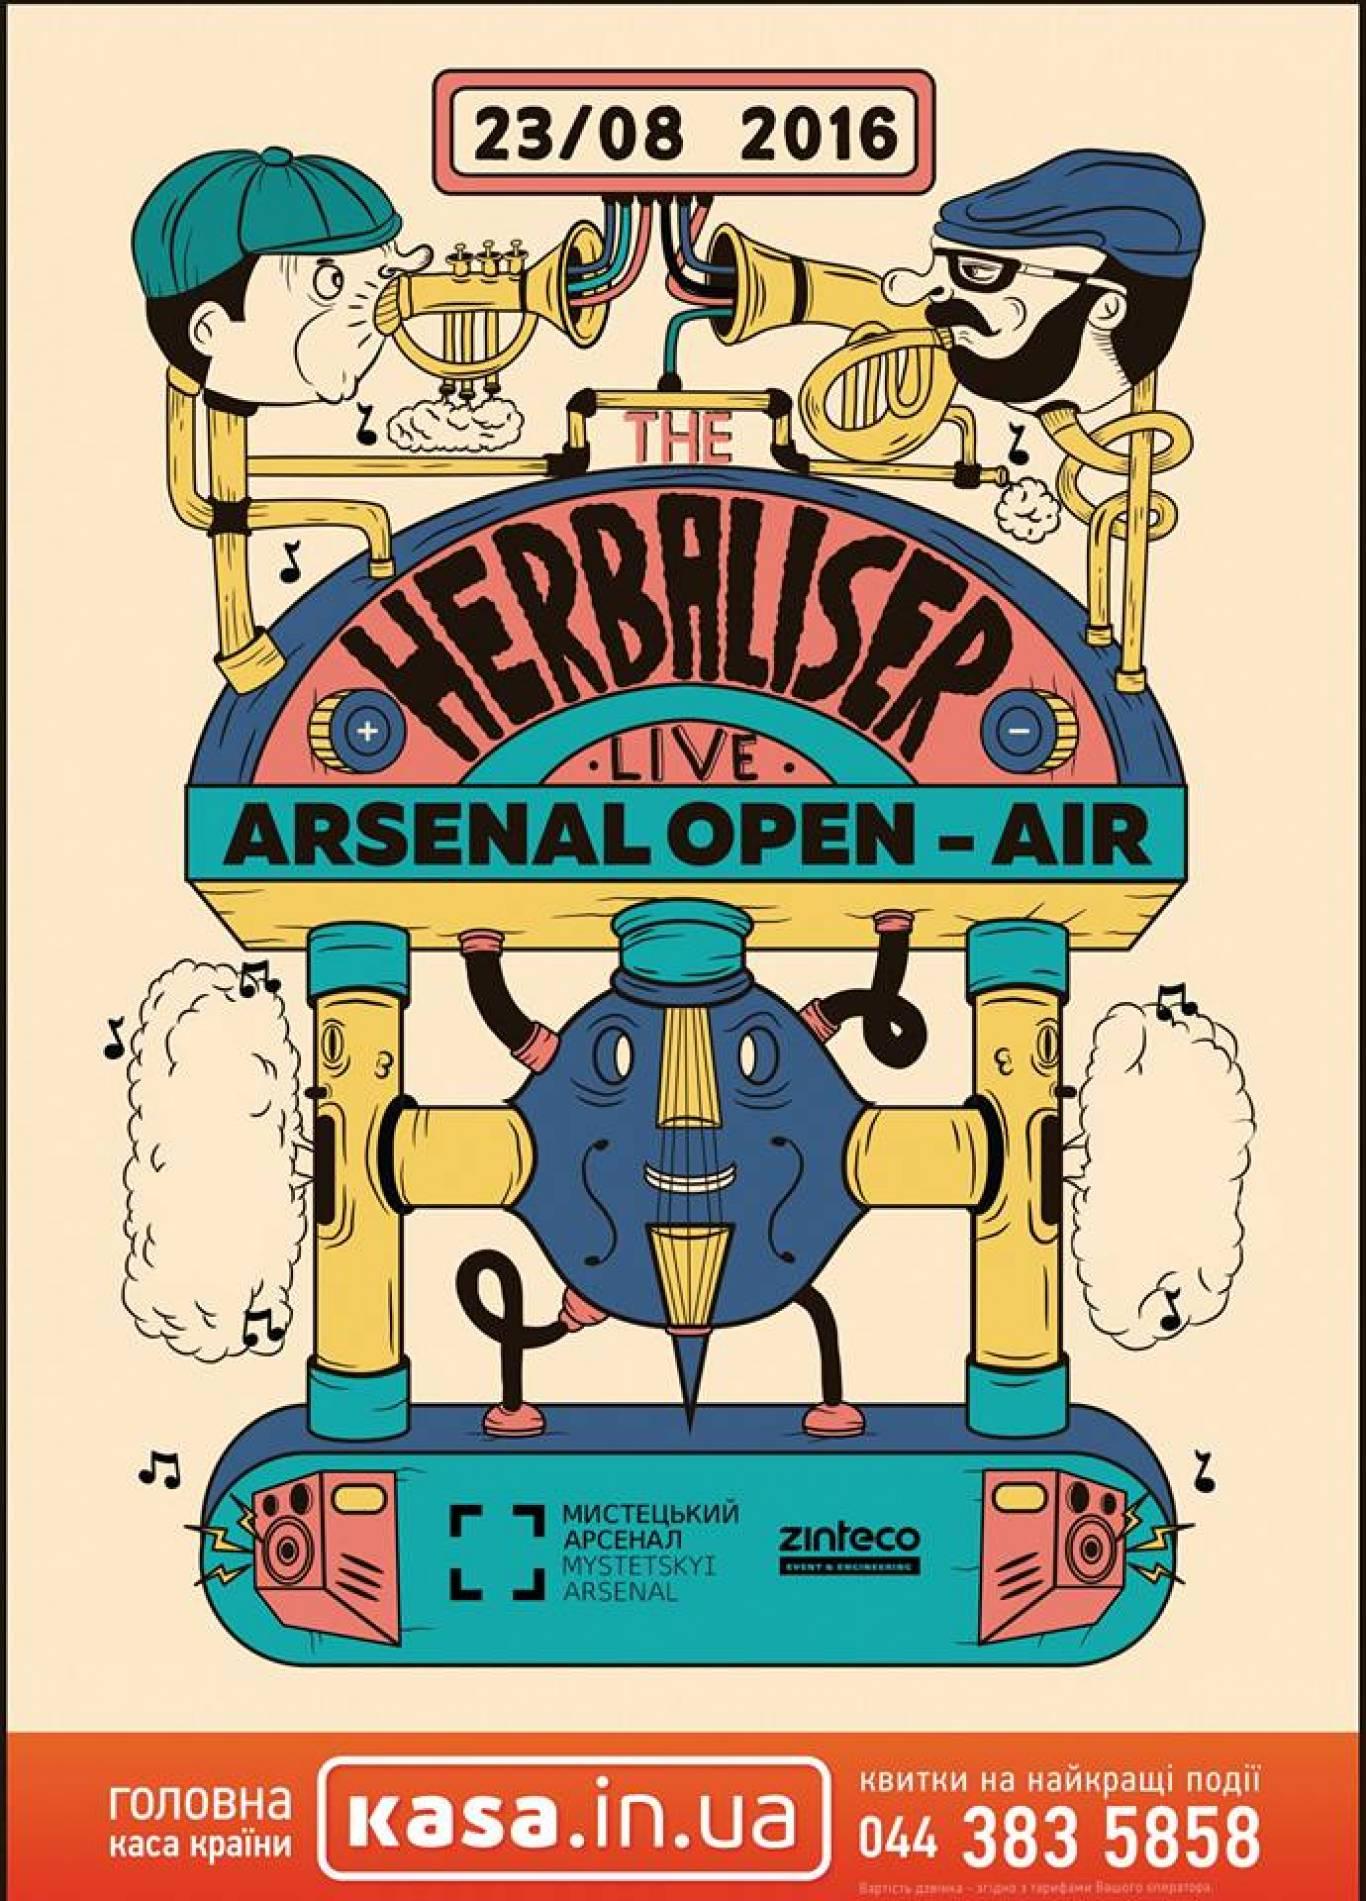 Концерт джазово-фанкового гурту The Herbaliser (Ninja Tune)